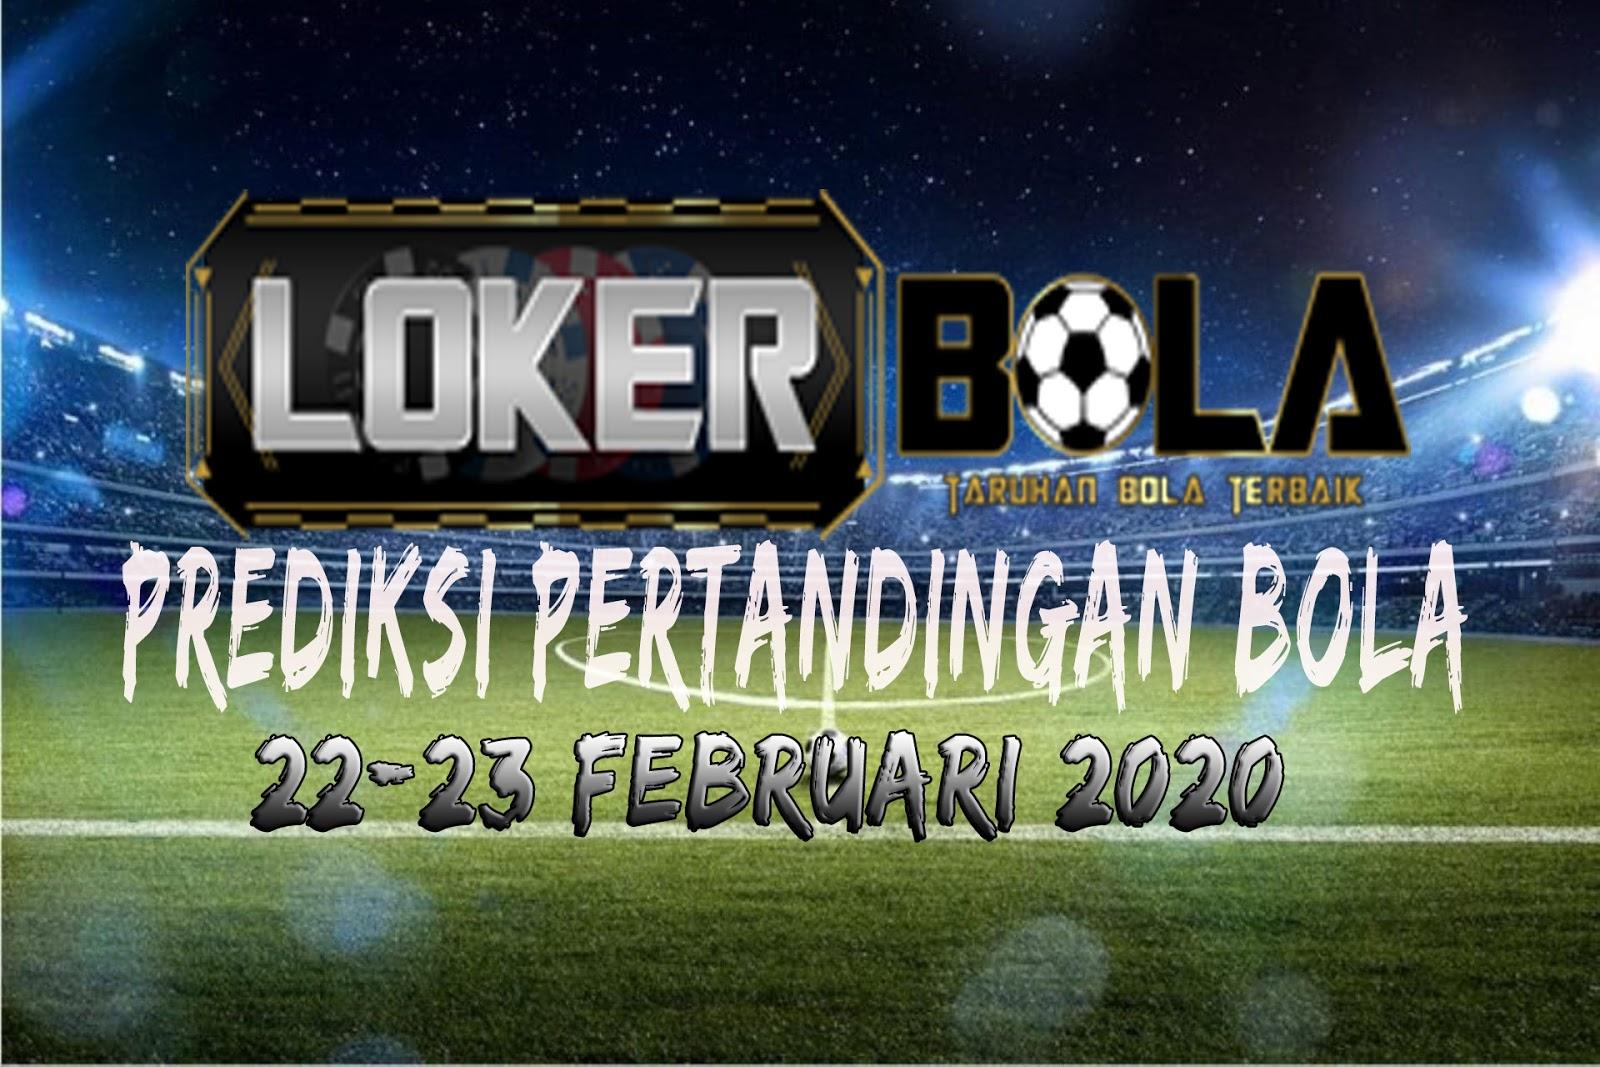 PREDIKSI PERTANDINGAN BOLA 22-23 FEBRUARI 2020